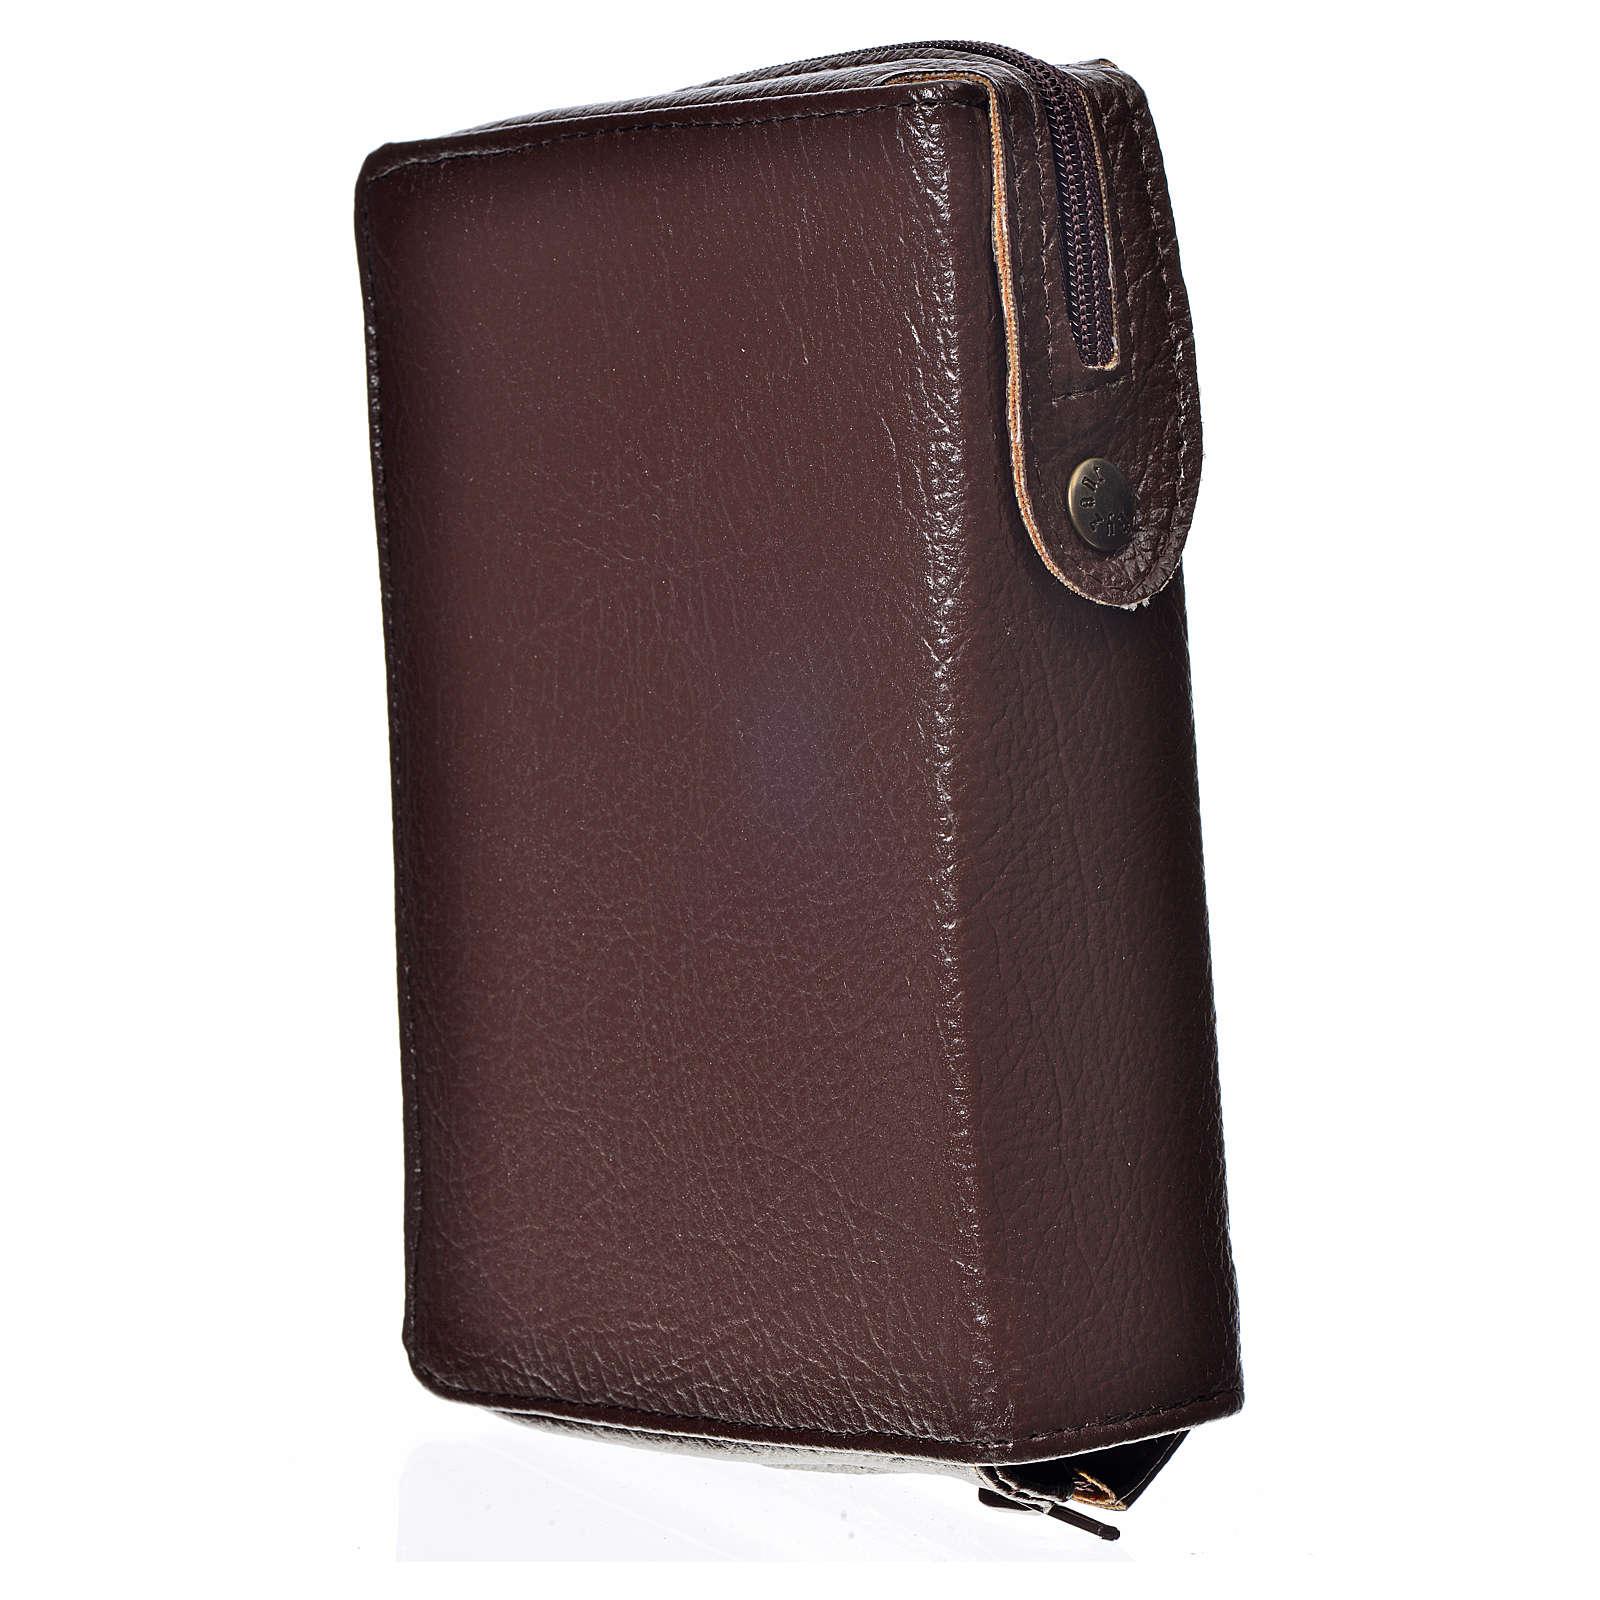 Funda Biblia CEE grande simil cuero marrón oscuro Virgen Ternura 4